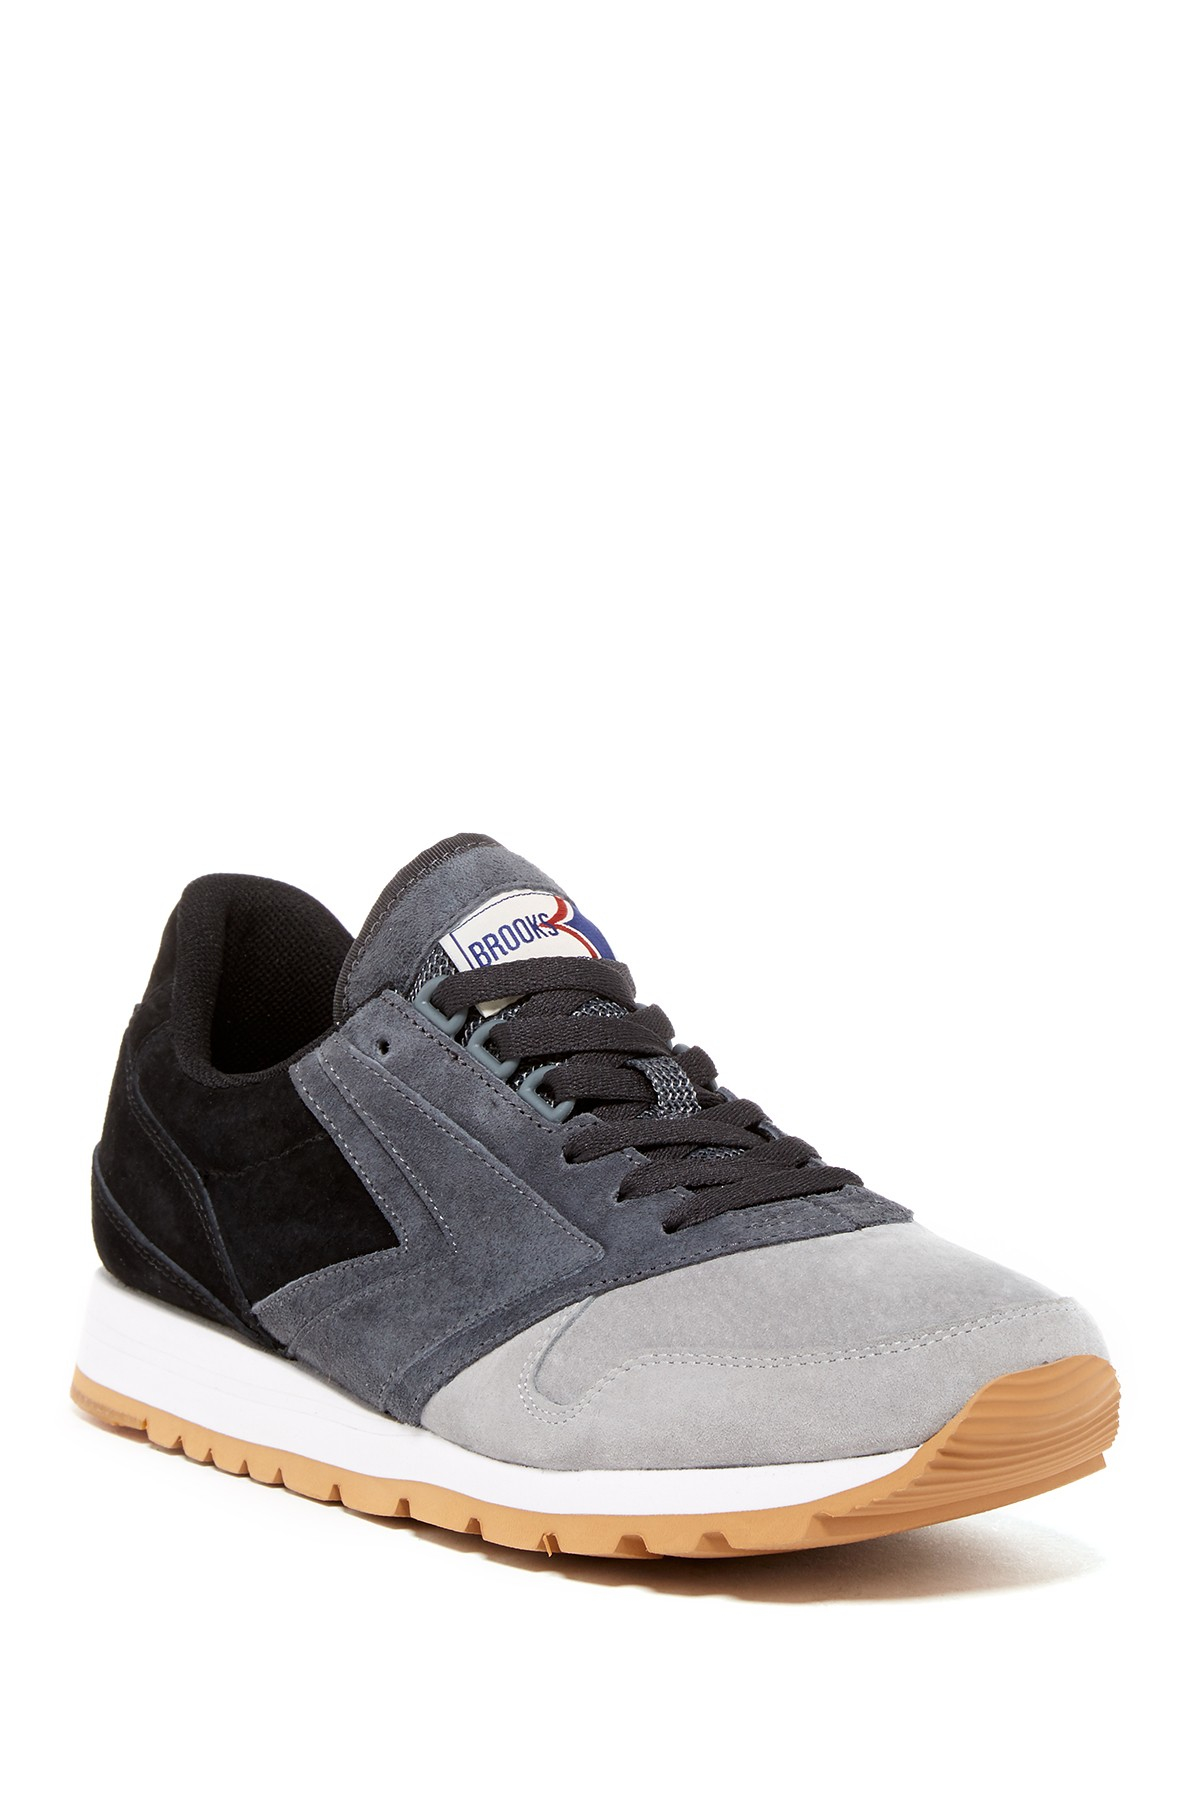 Nordstrom Rack Brooks Men S Running Shoes